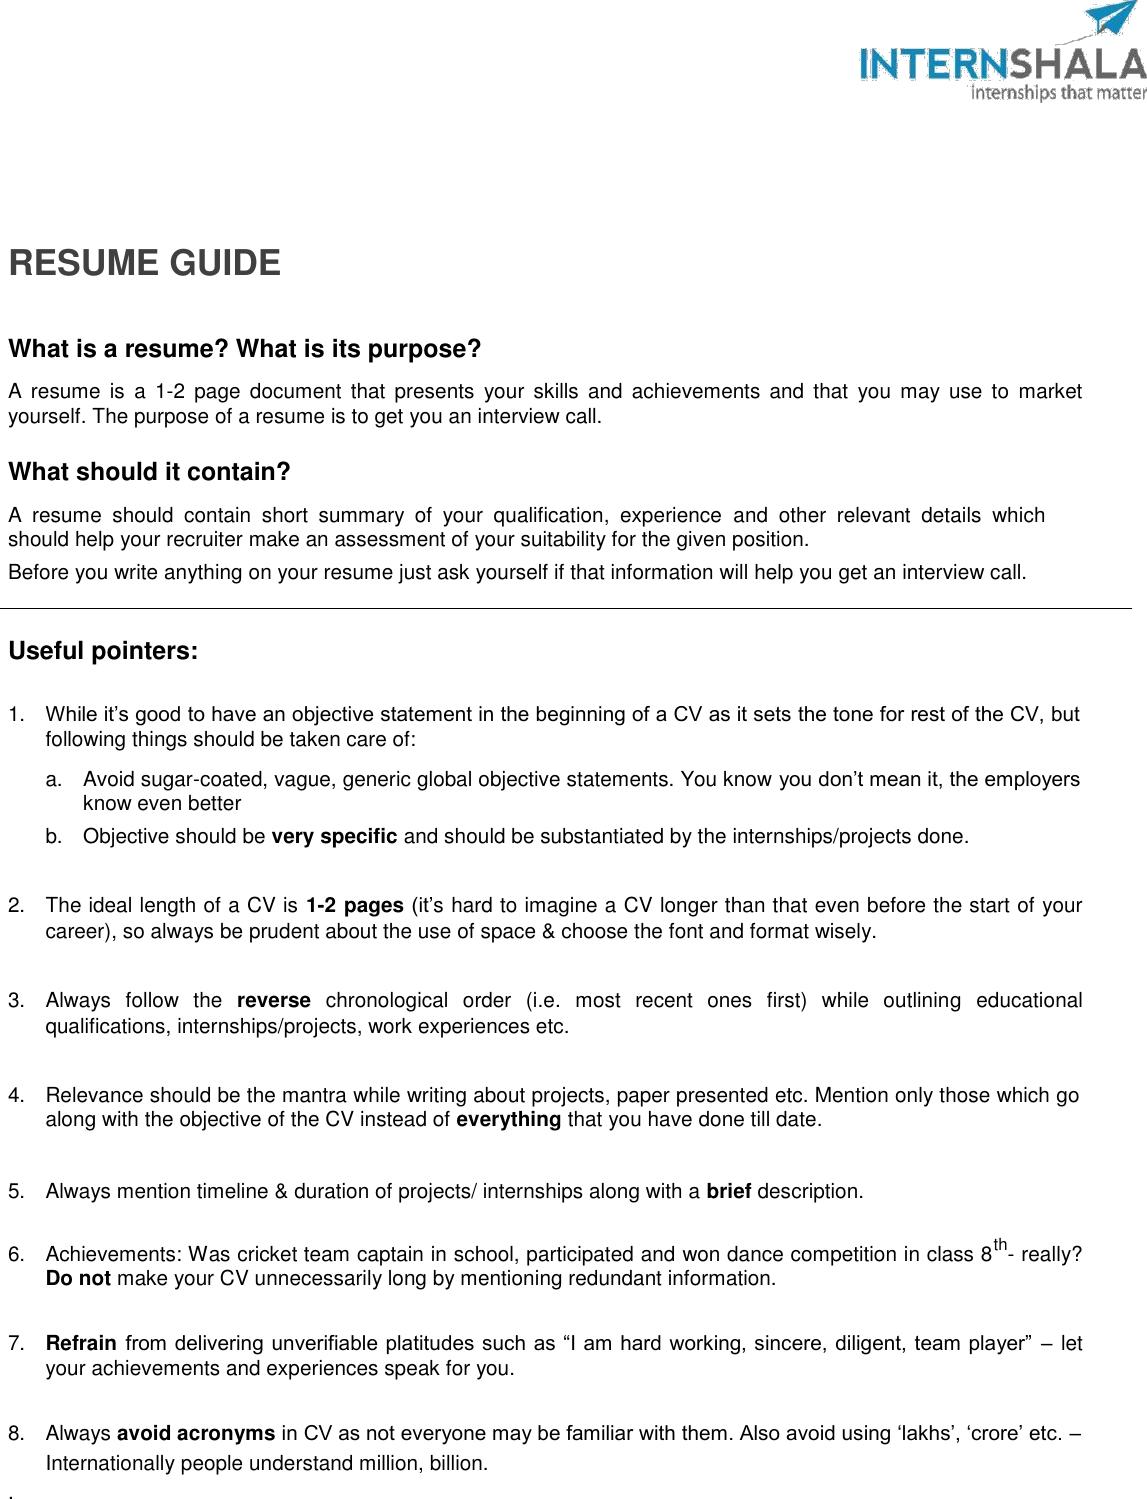 Internshala Resume Guide